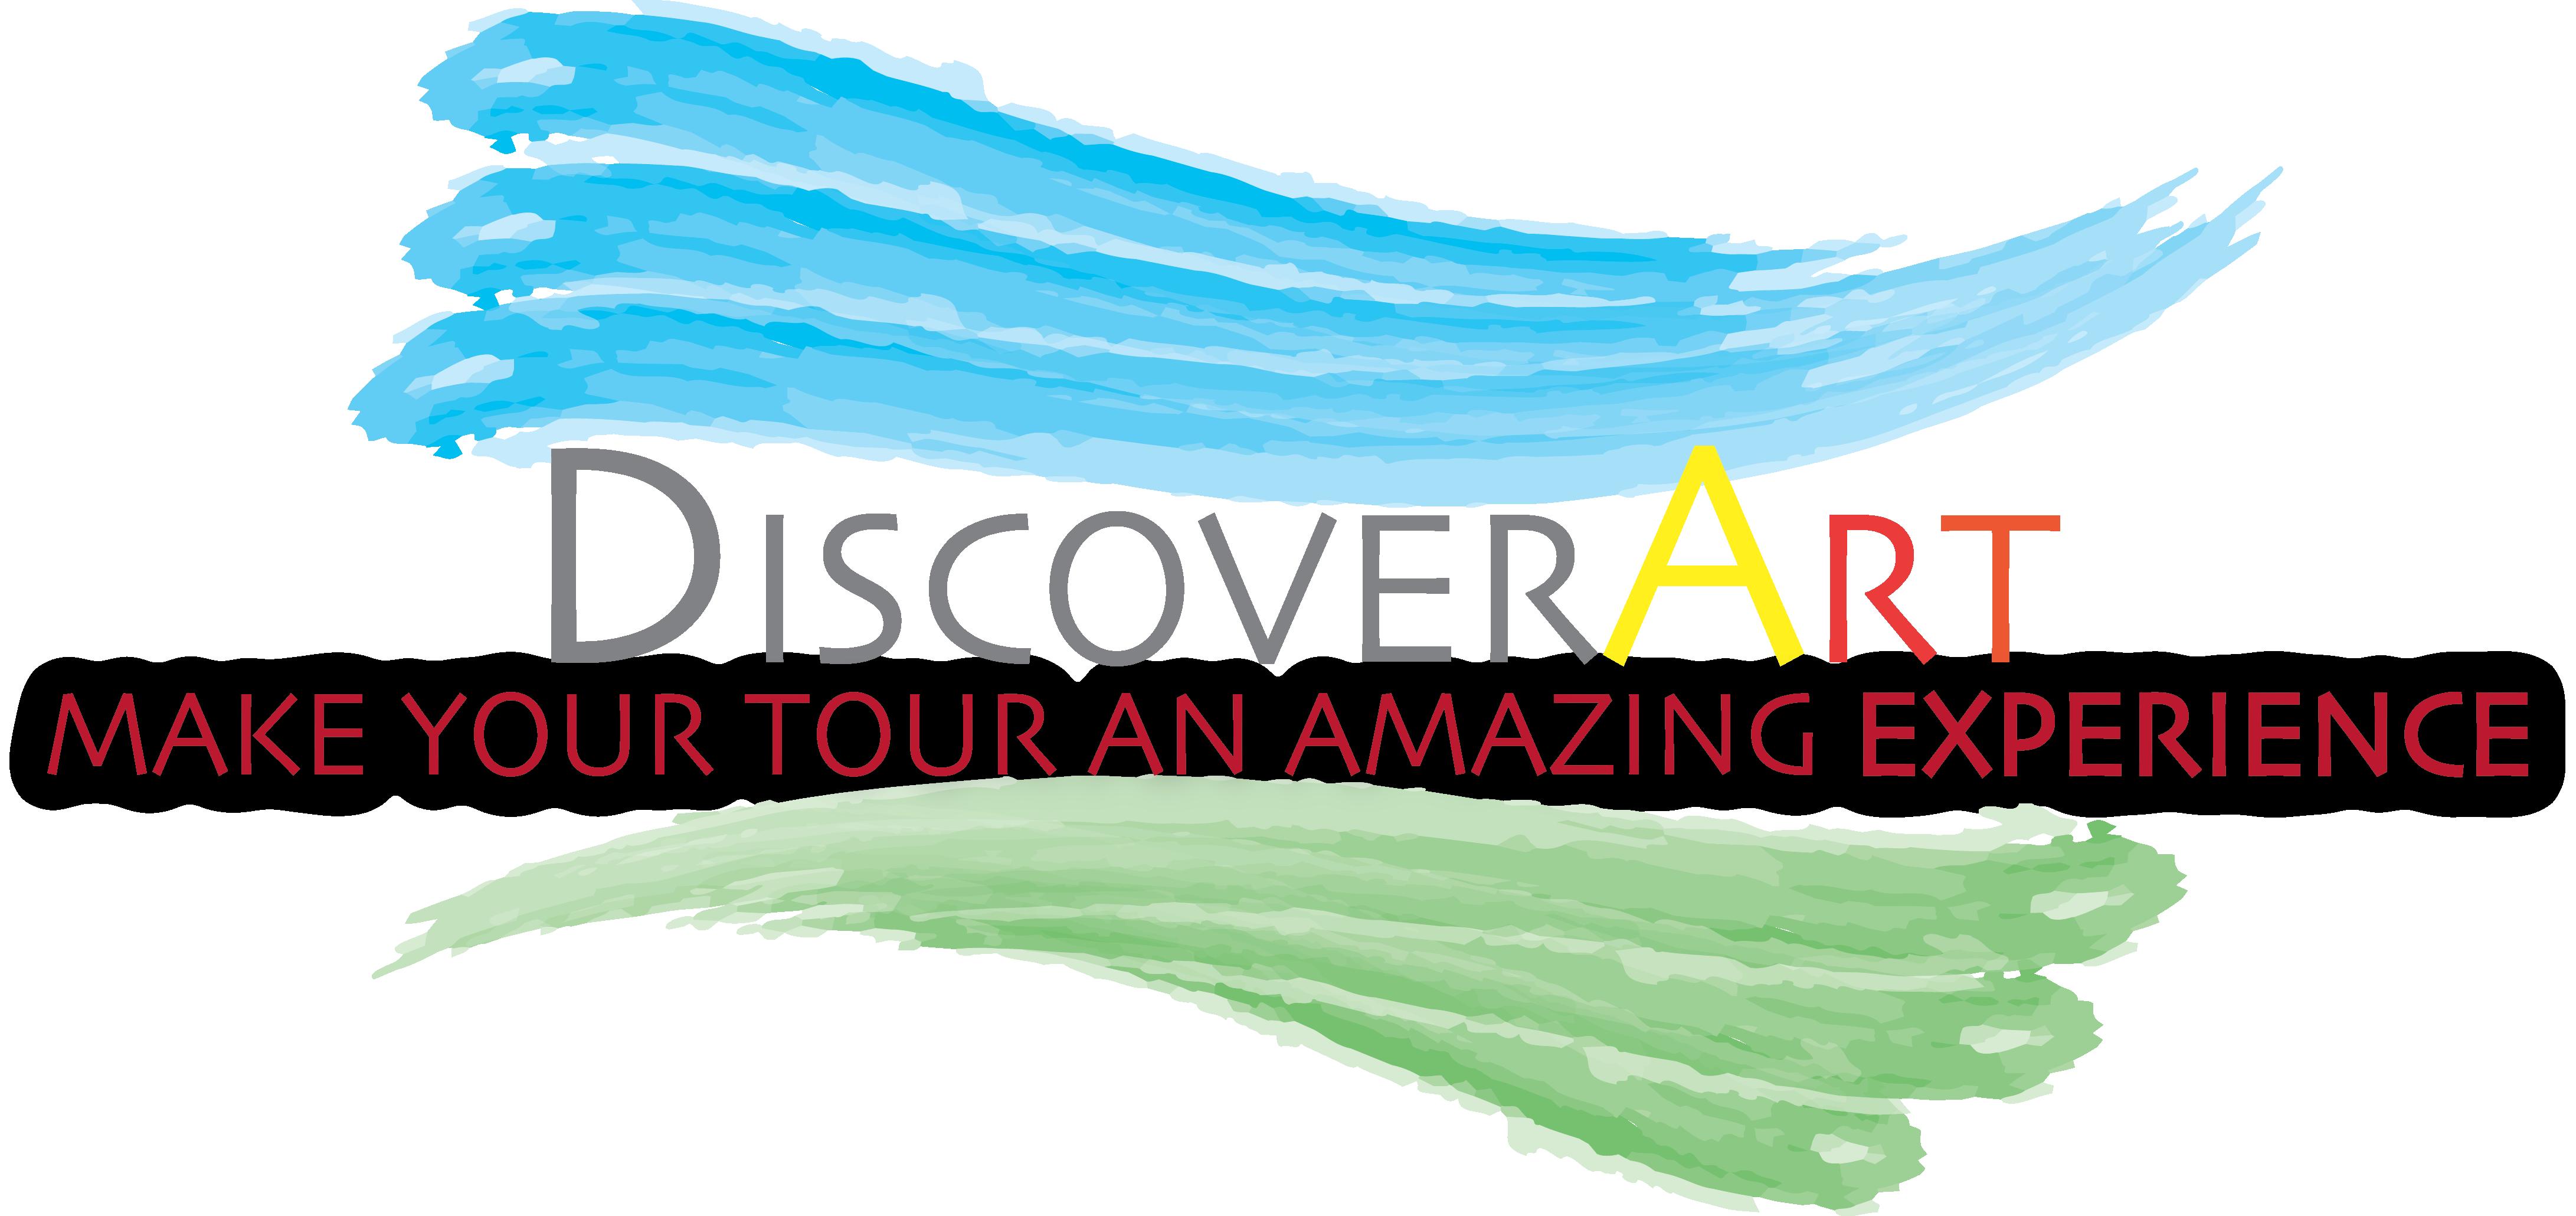 Eventi e Prenotazioni Discover Art